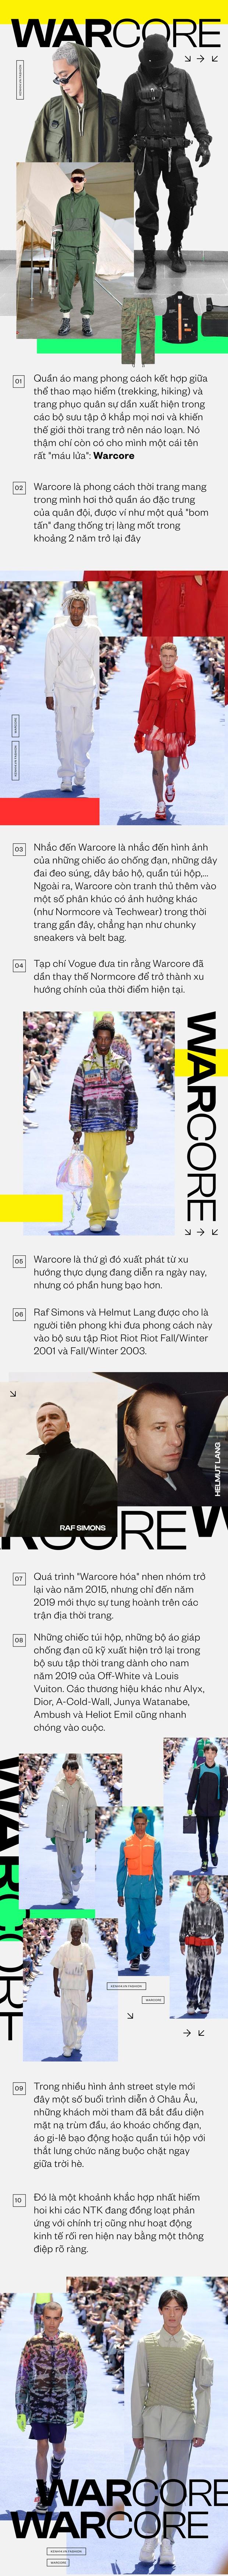 Warcore - Trào lưu mới đang dần thống trị giới thời trang thế giới - Ảnh 1.